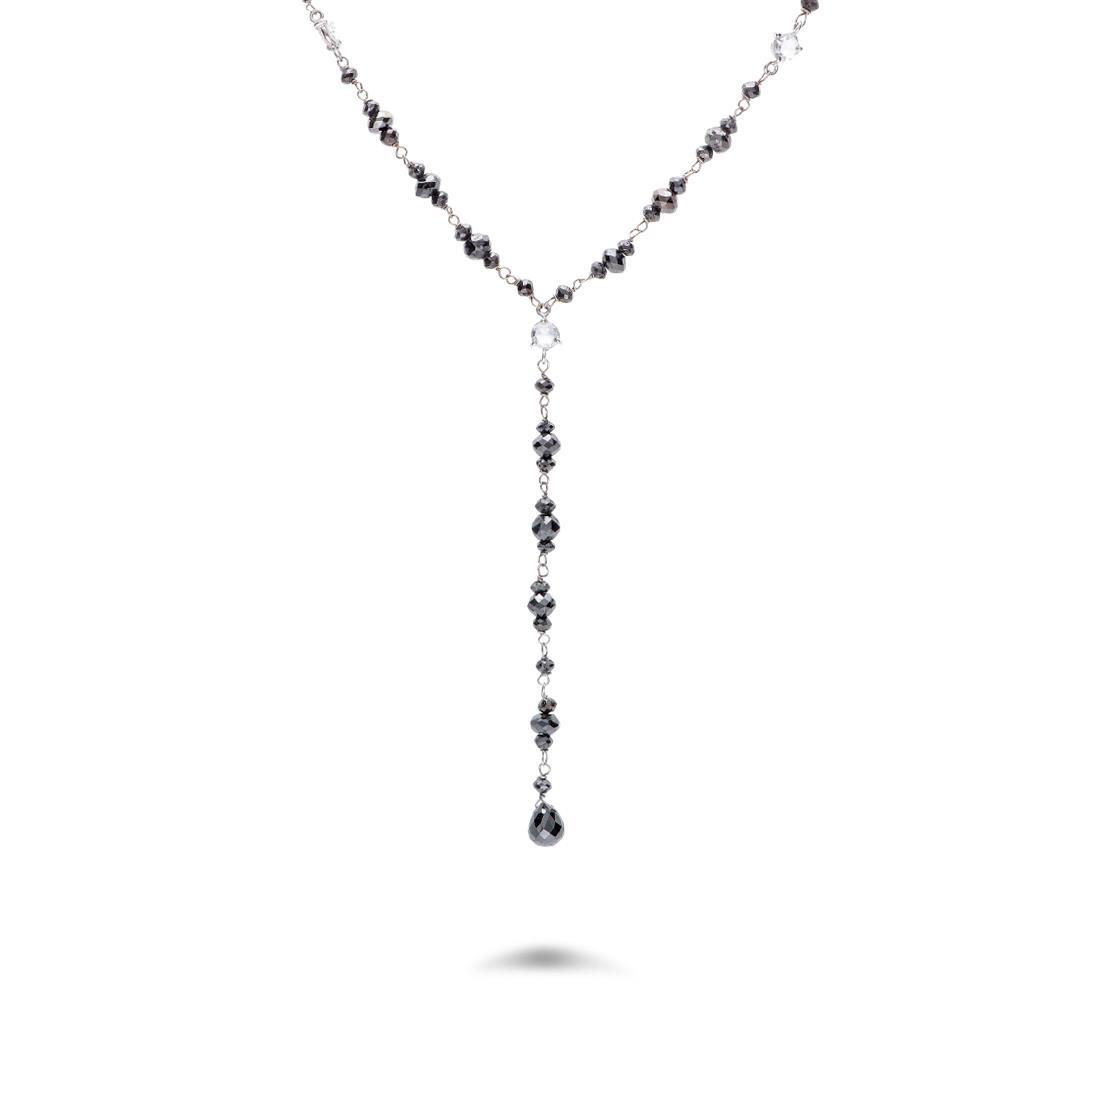 Collar de diamantes negros - ORO&CO